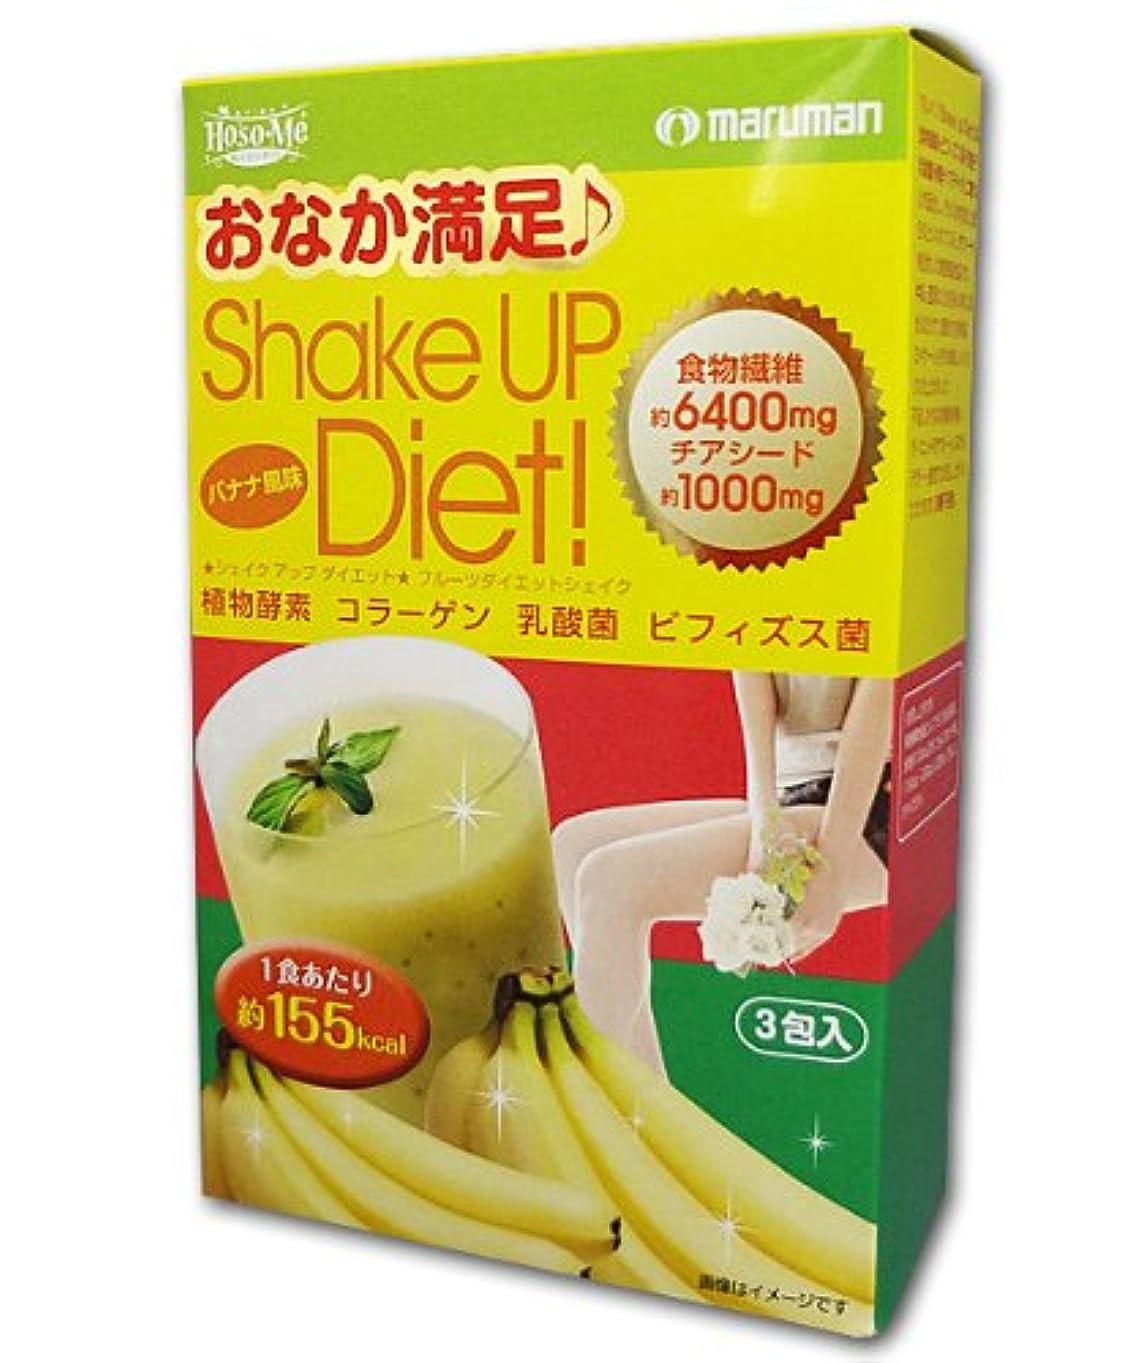 長椅子こだわり貧しいマルマン シェイクアップダイエット バナナ風味 3包入